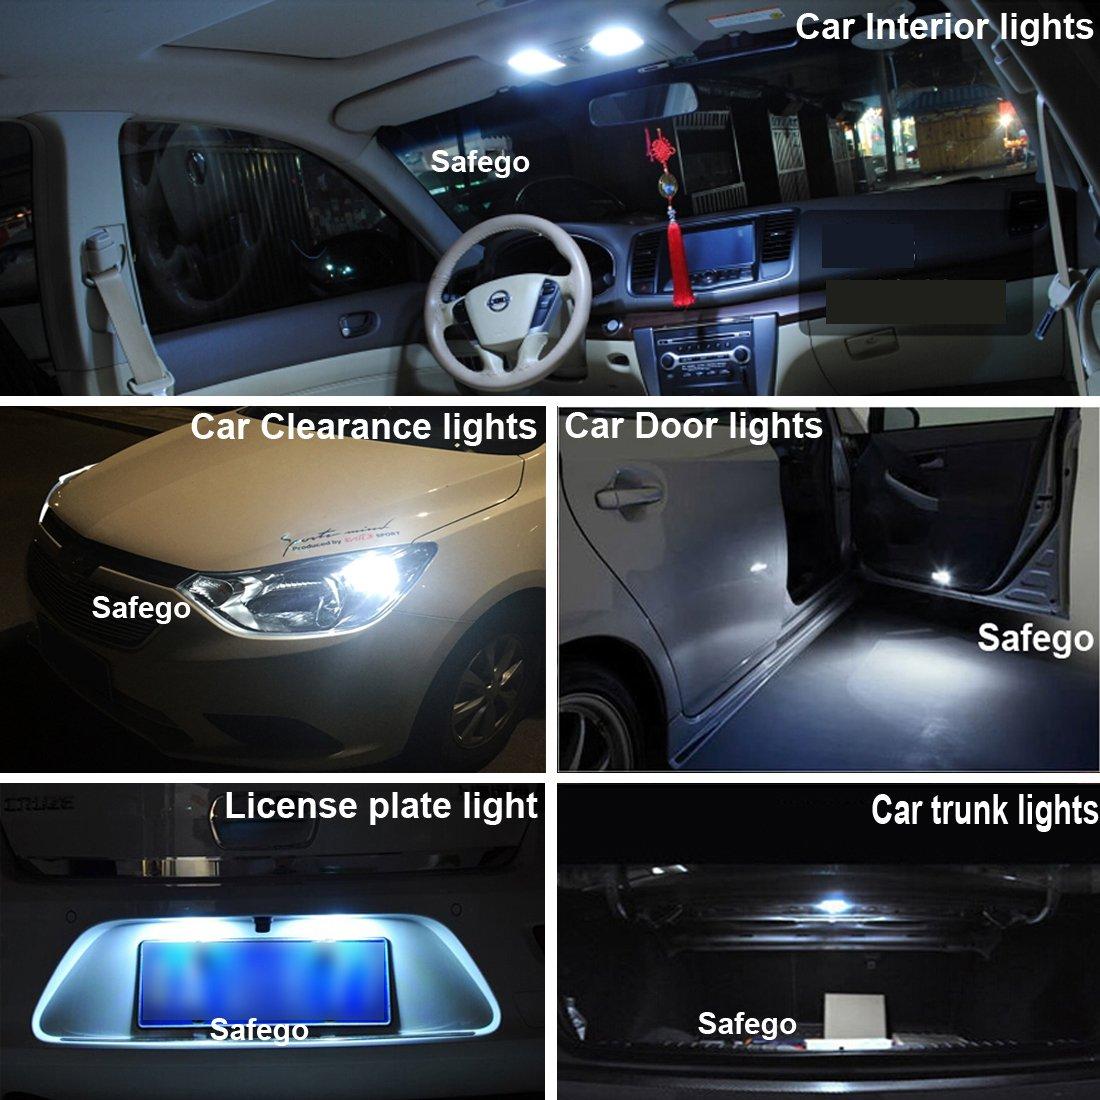 Camion Safego T10 LED Ampoules de voiture lampe 194 168 2825 W5W 10 SMD 7020 Auto WEDGE BULBES BLANC Blanche ULTRA BRILLANT White LONGUE VIE Bulbe de remplacement pour caravane voiture Arri/ère 12V